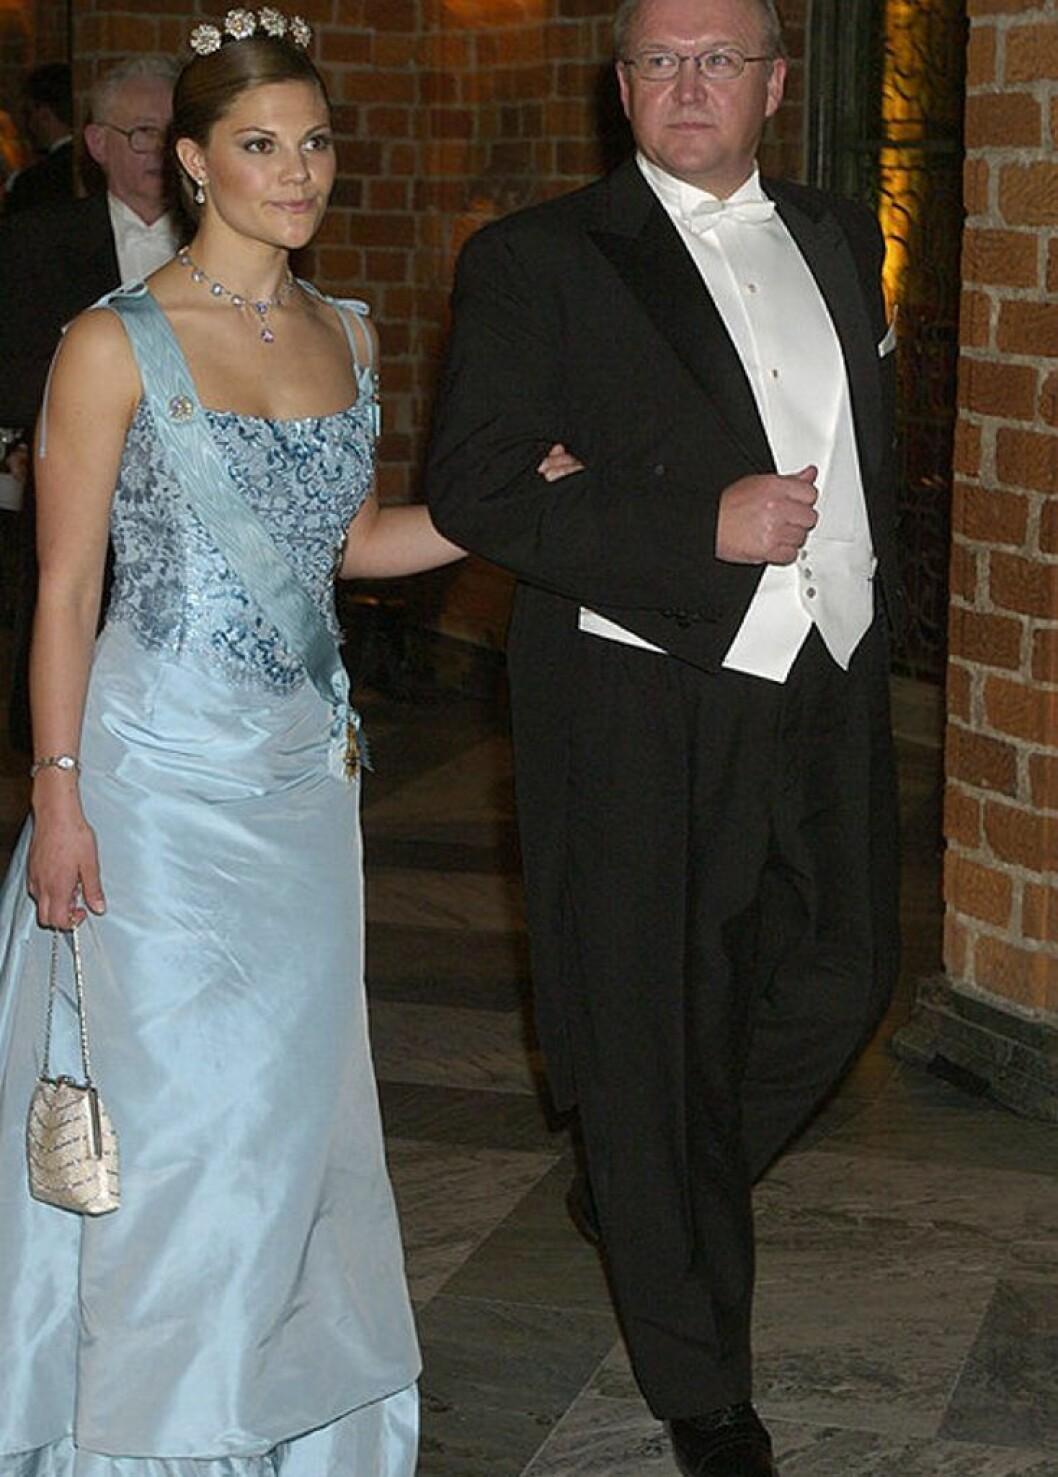 Kronprinsessan Victoria i en isblå klänning av Lars Wallin.